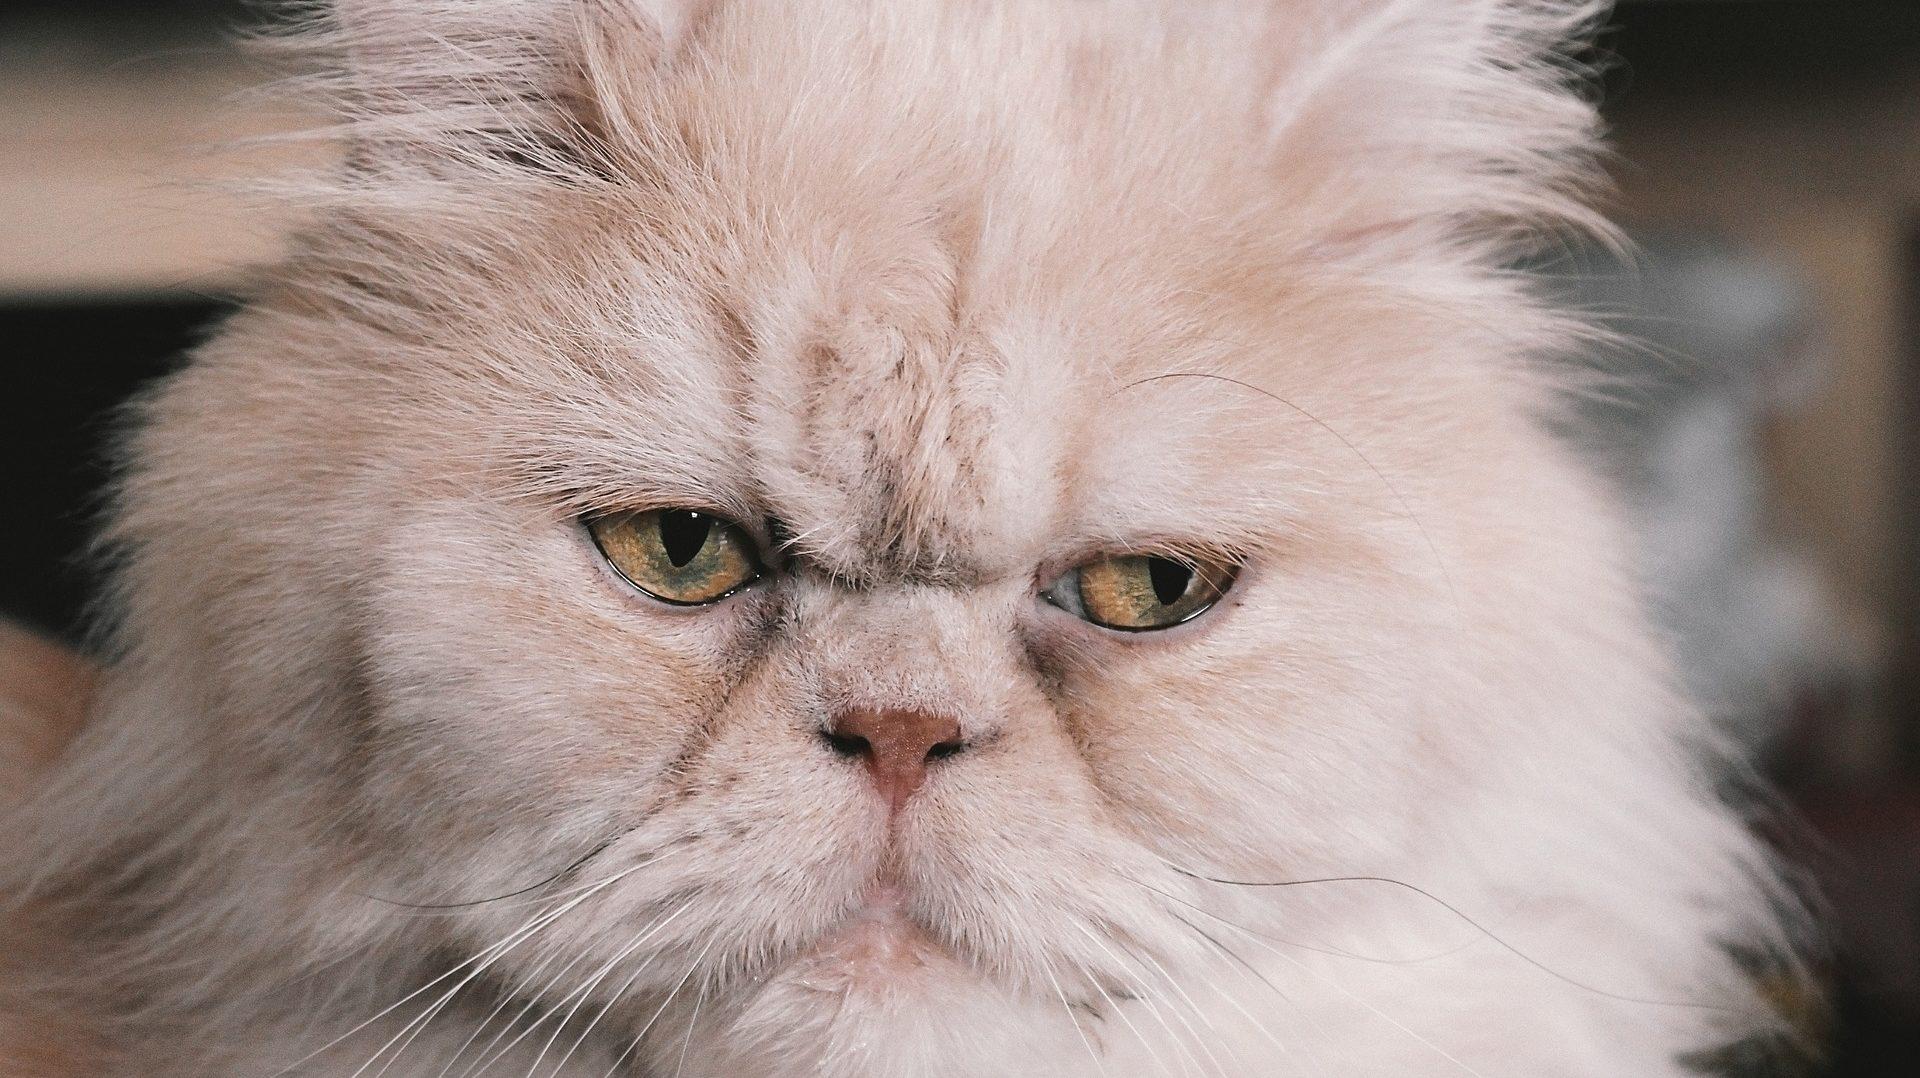 Harga Kucing Persia Medium Di Indonesia Info Binatang